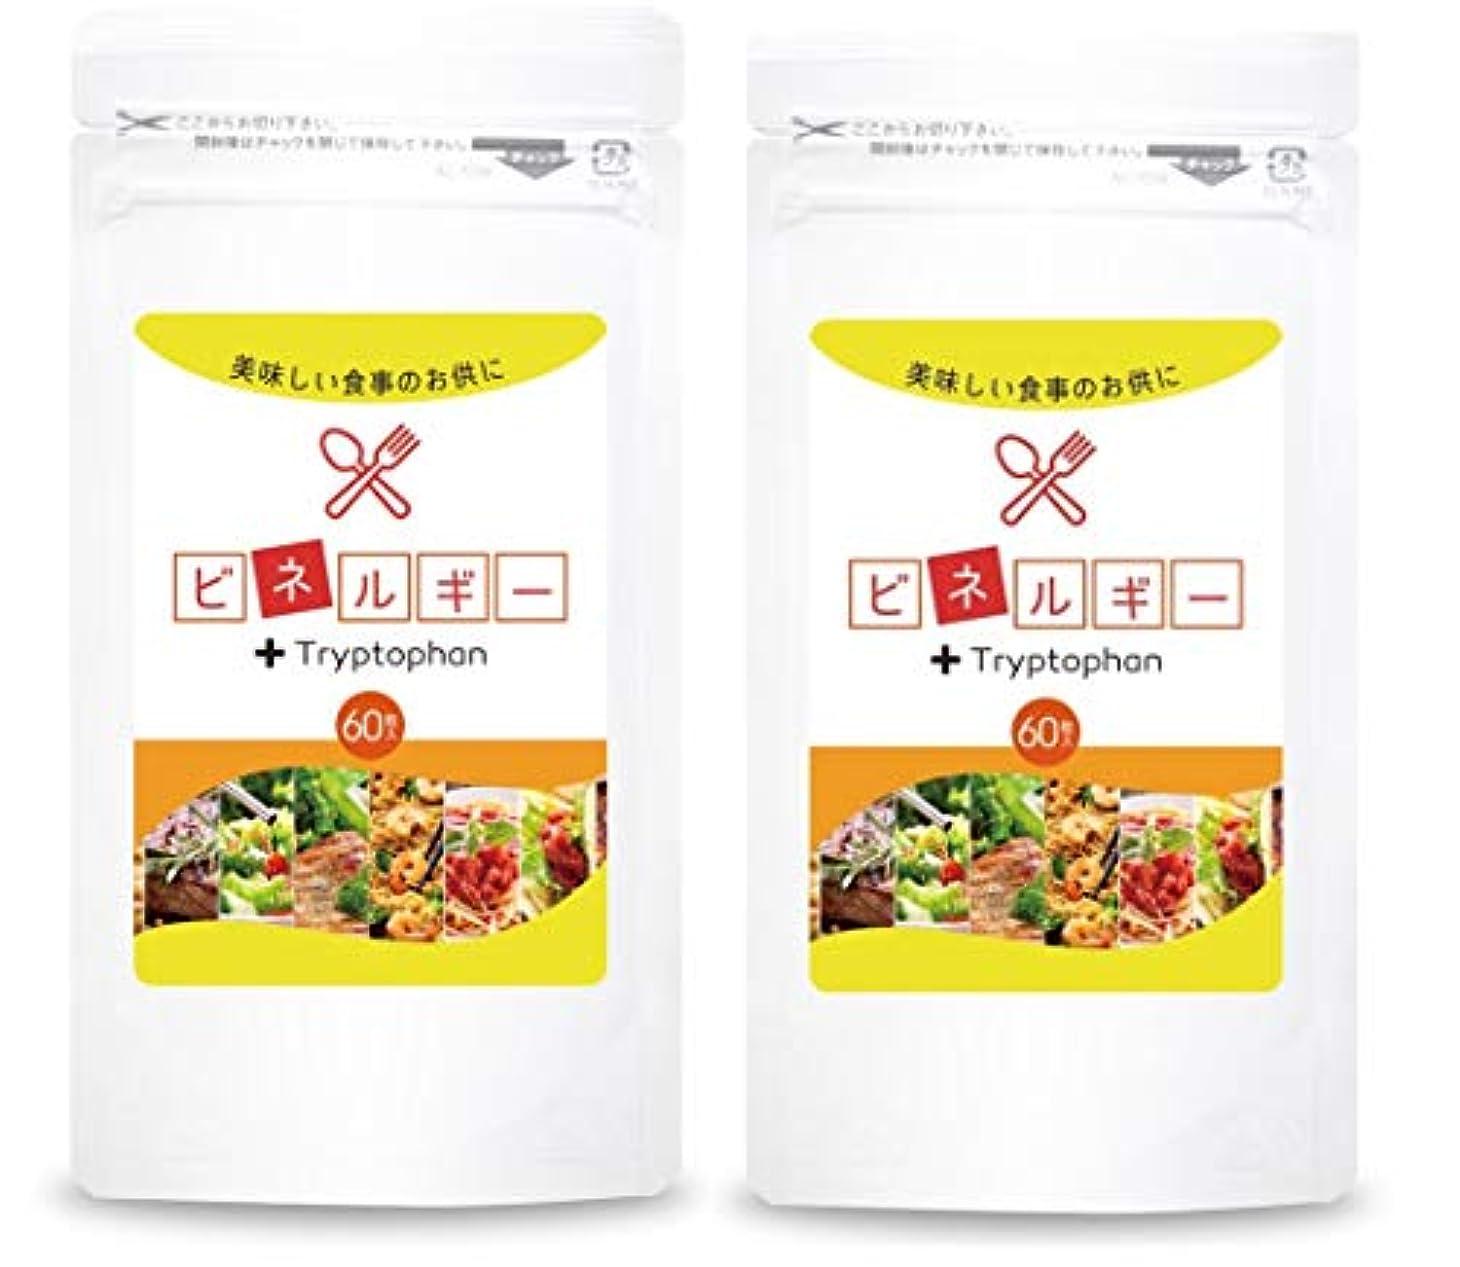 財布クリップアクセス糖質 ダイエット サプリ ビネルギー フォルスコリ サプリメント 60粒30日分 (2個セット)